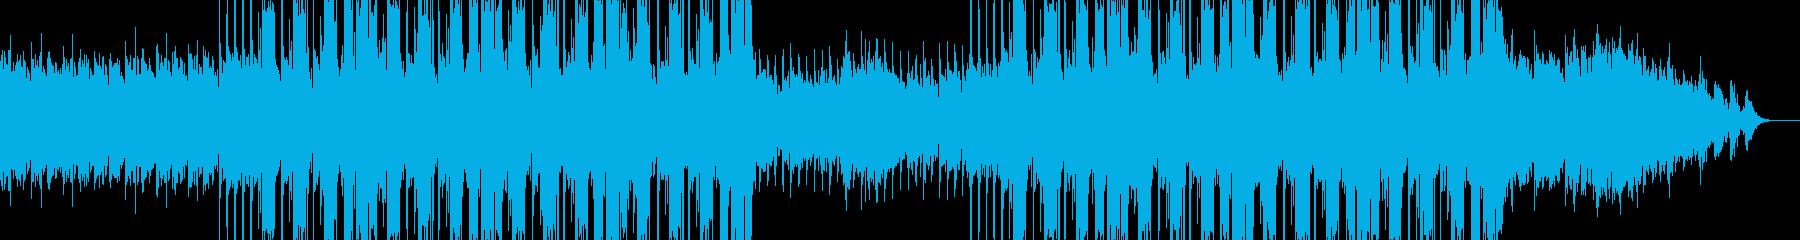 悲劇的なヒップホップビートの再生済みの波形